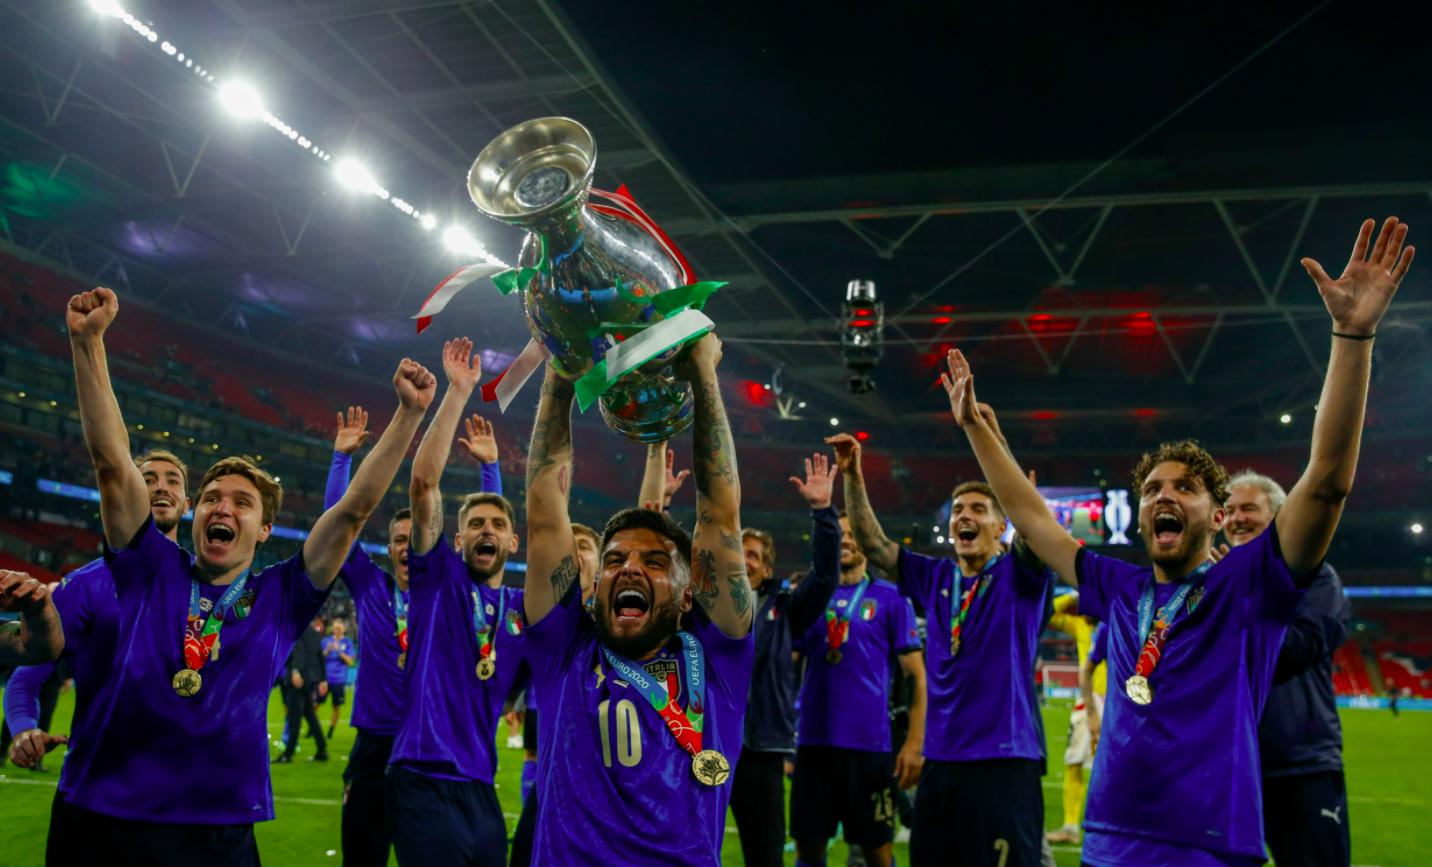 意大利球员高举冠军奖杯。图/新华社